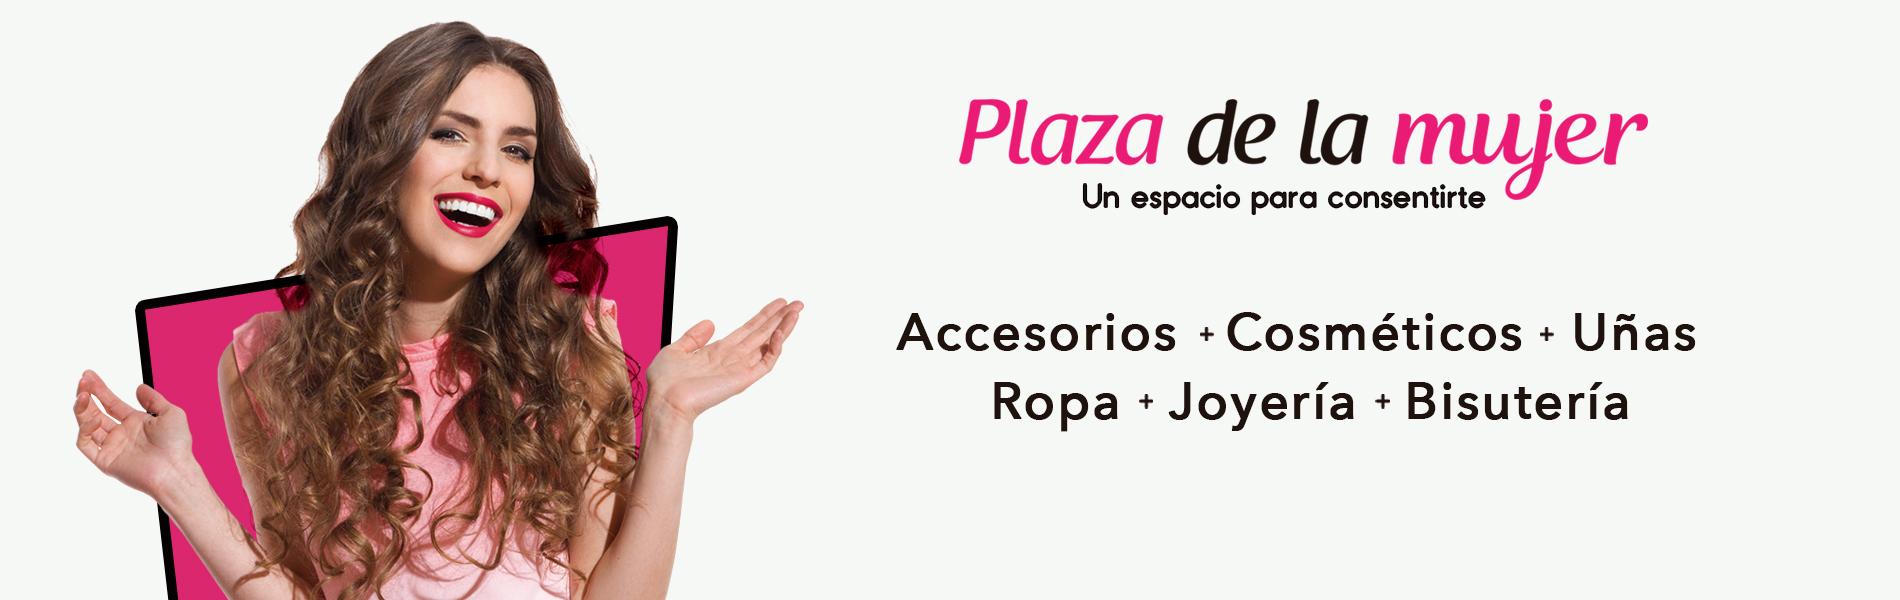 Plaza de la mujer